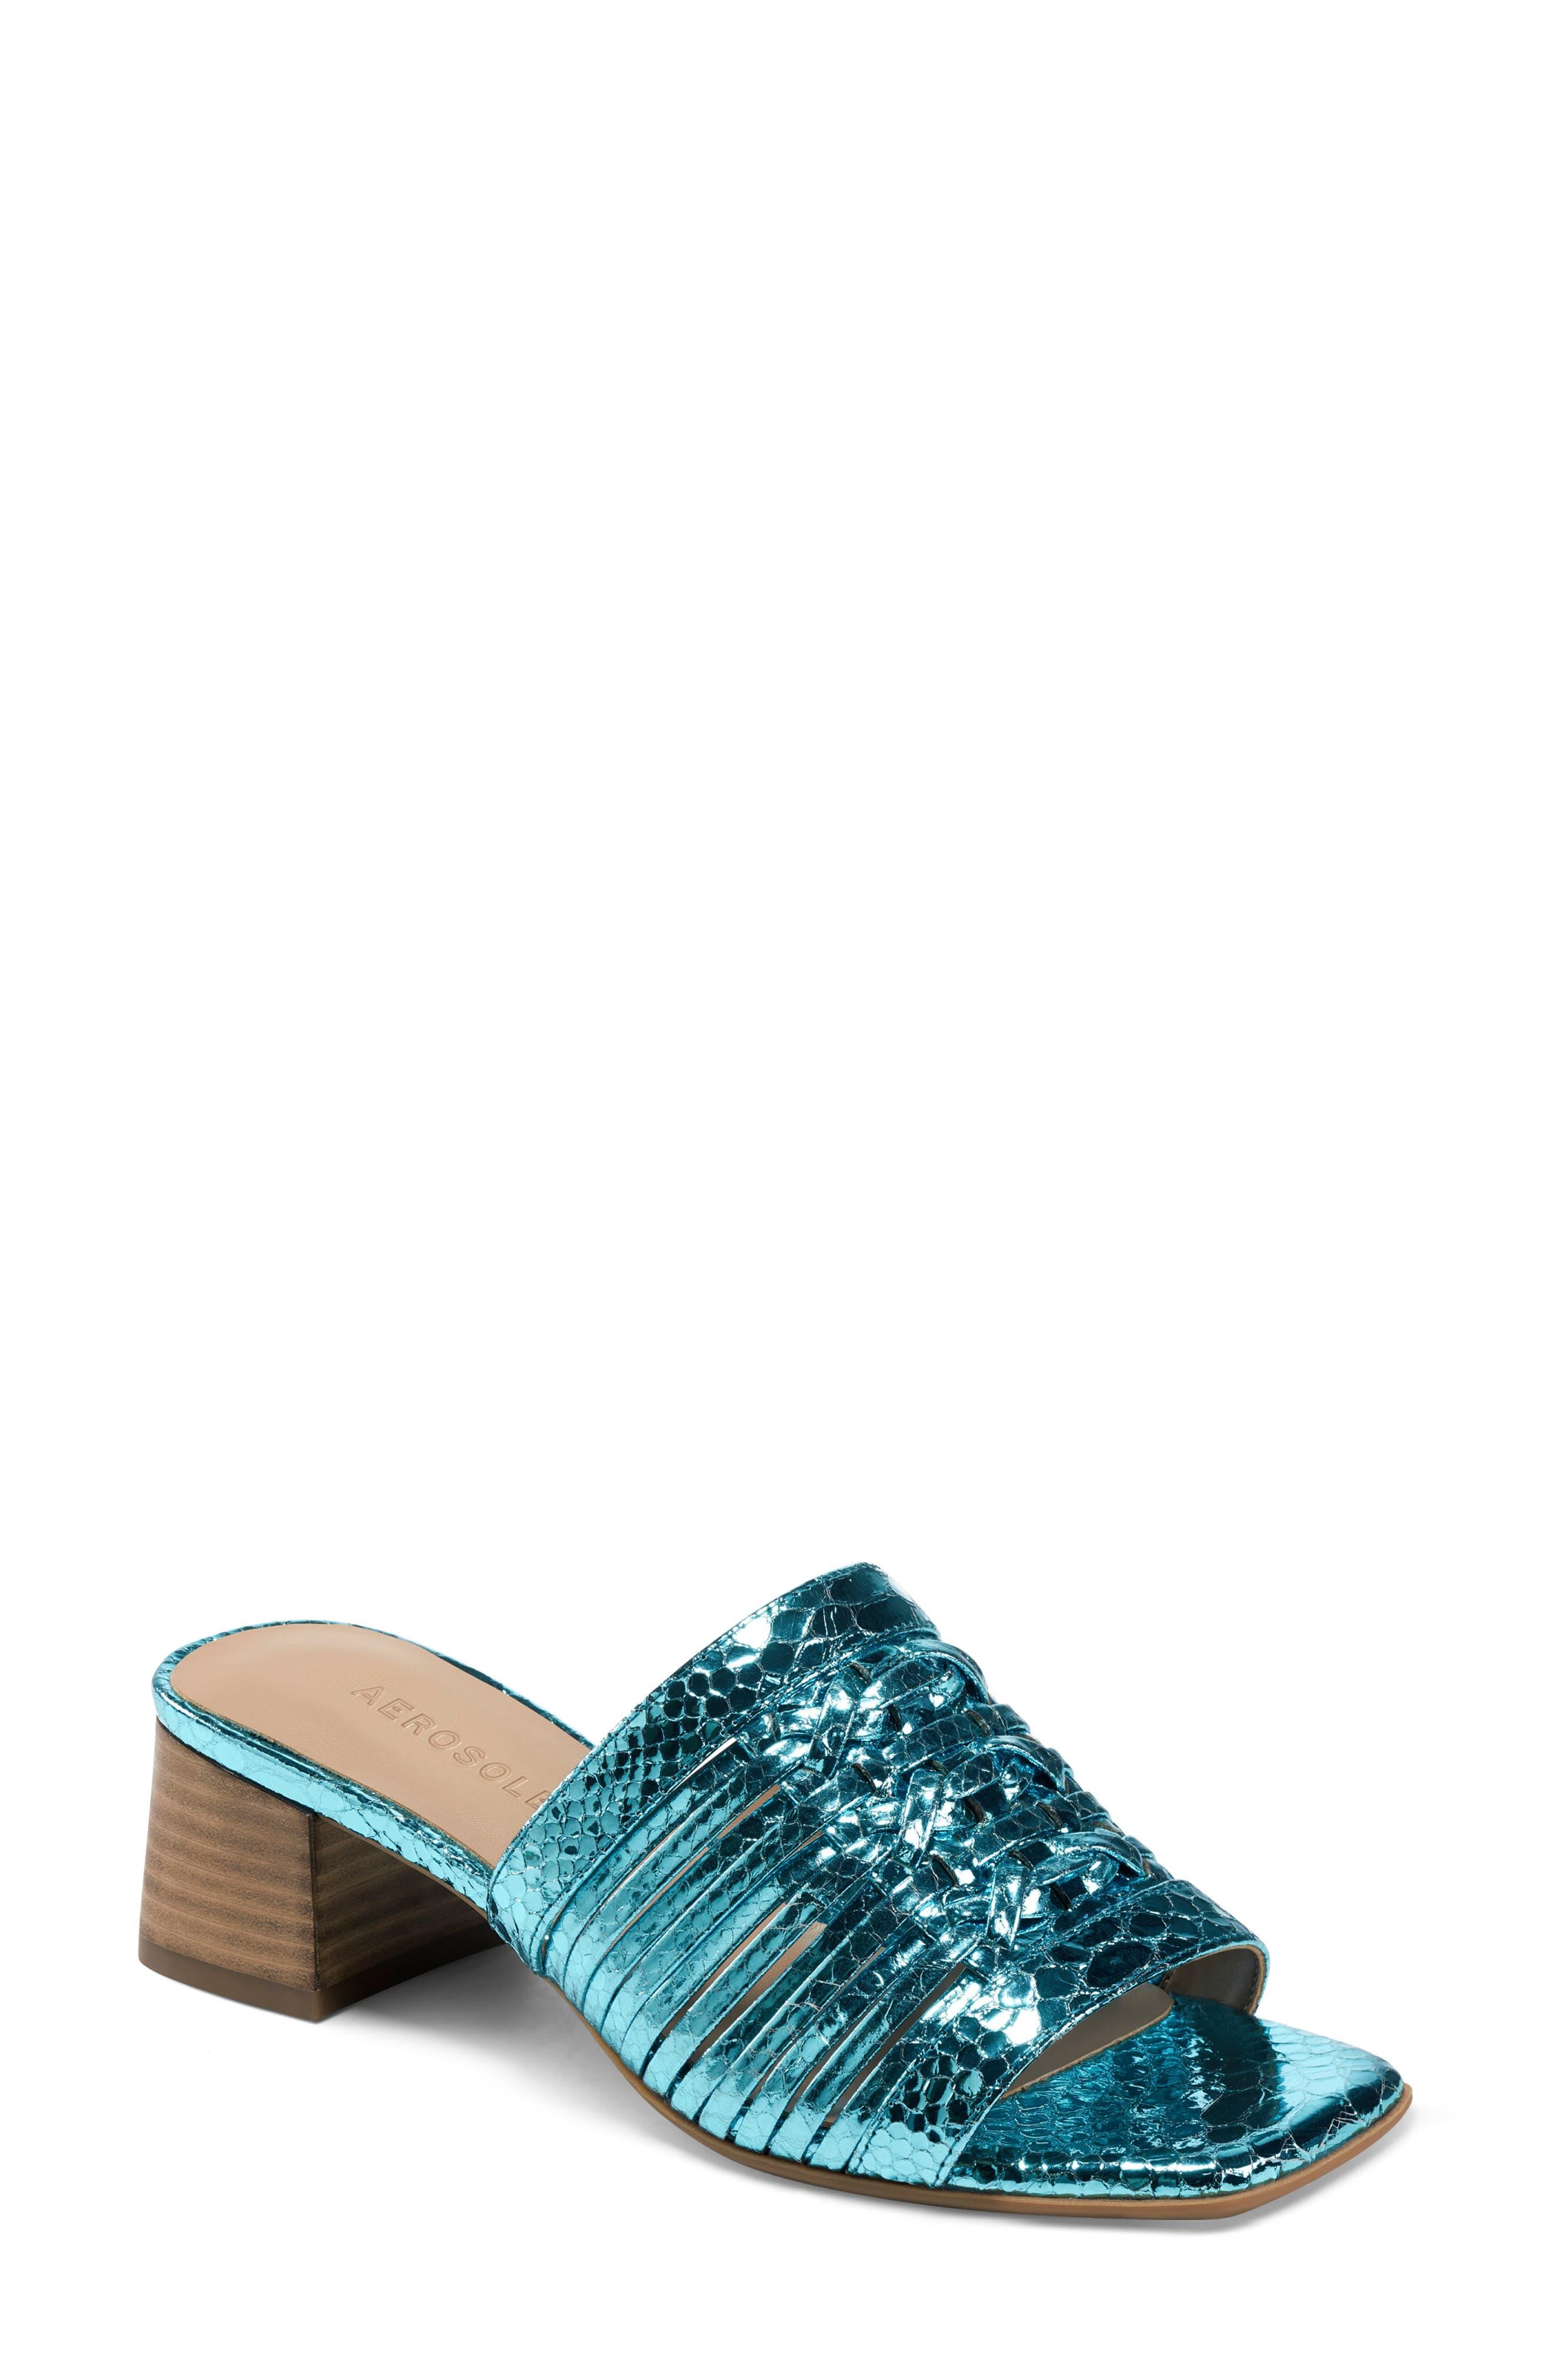 Evette Slide Sandal